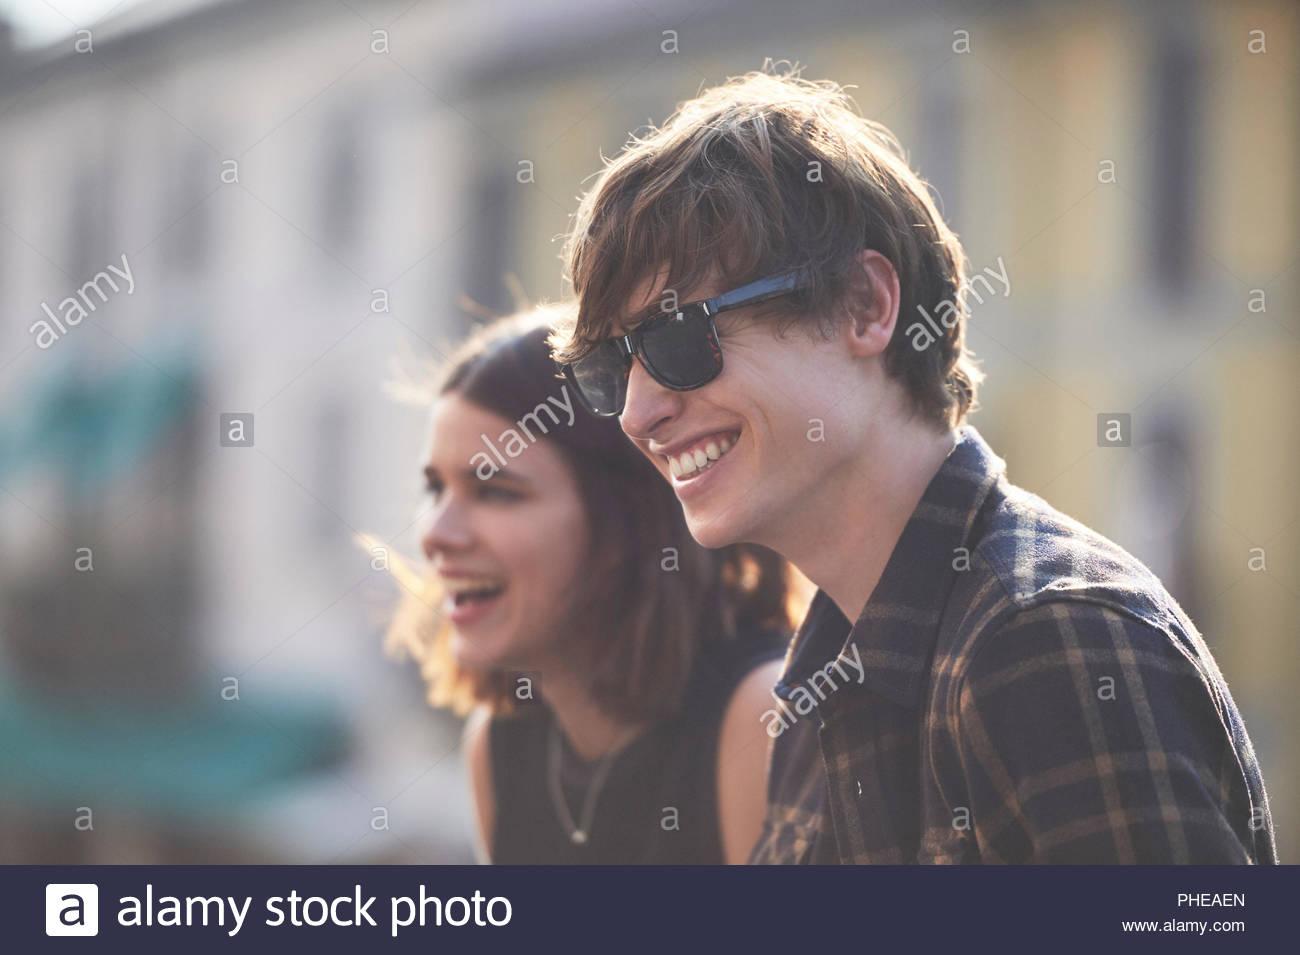 La pareja de adolescentes sonriendo Imagen De Stock